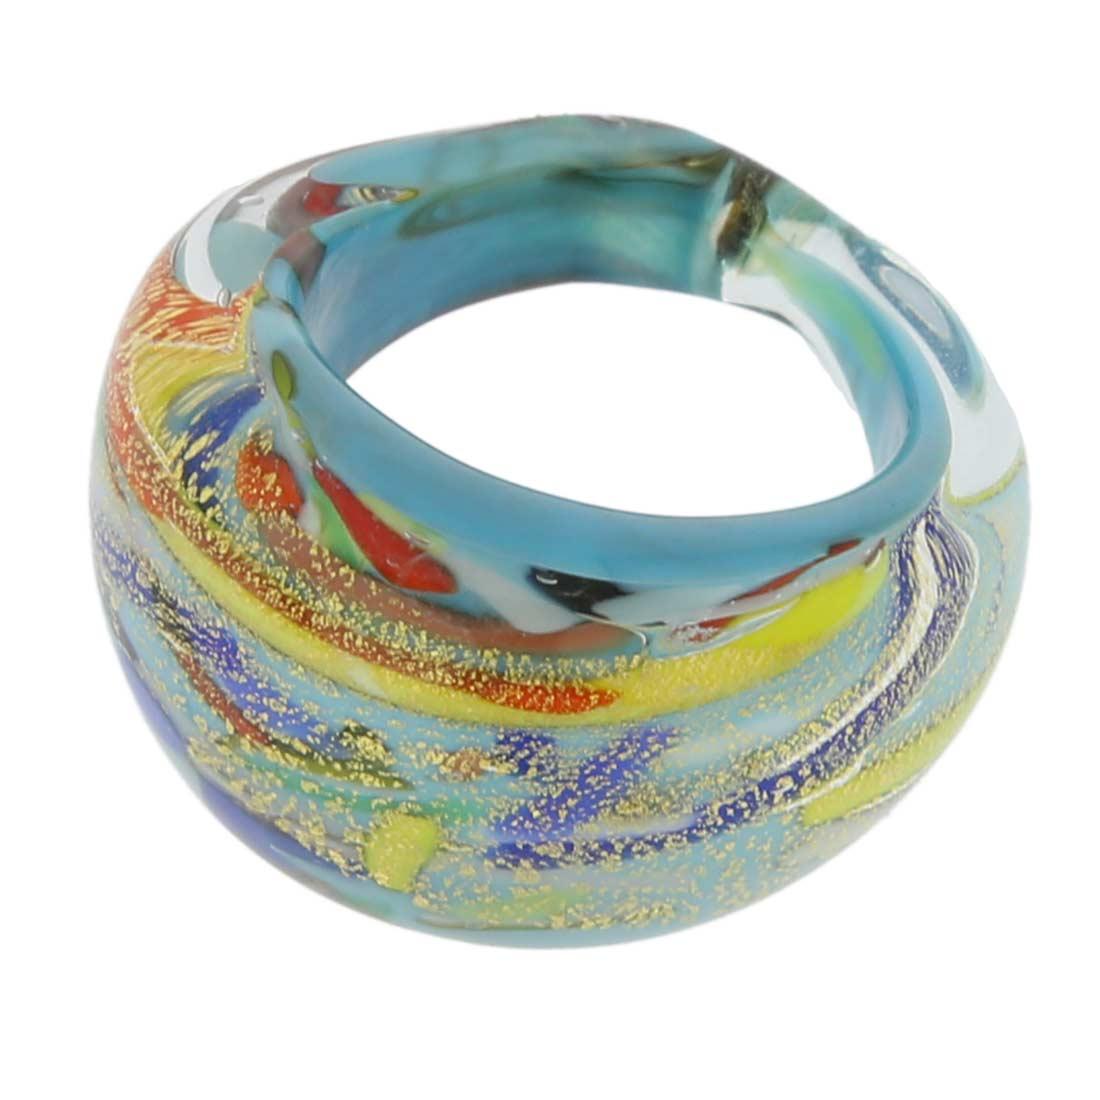 Avventurina Ocean Sunrise ring in domed design